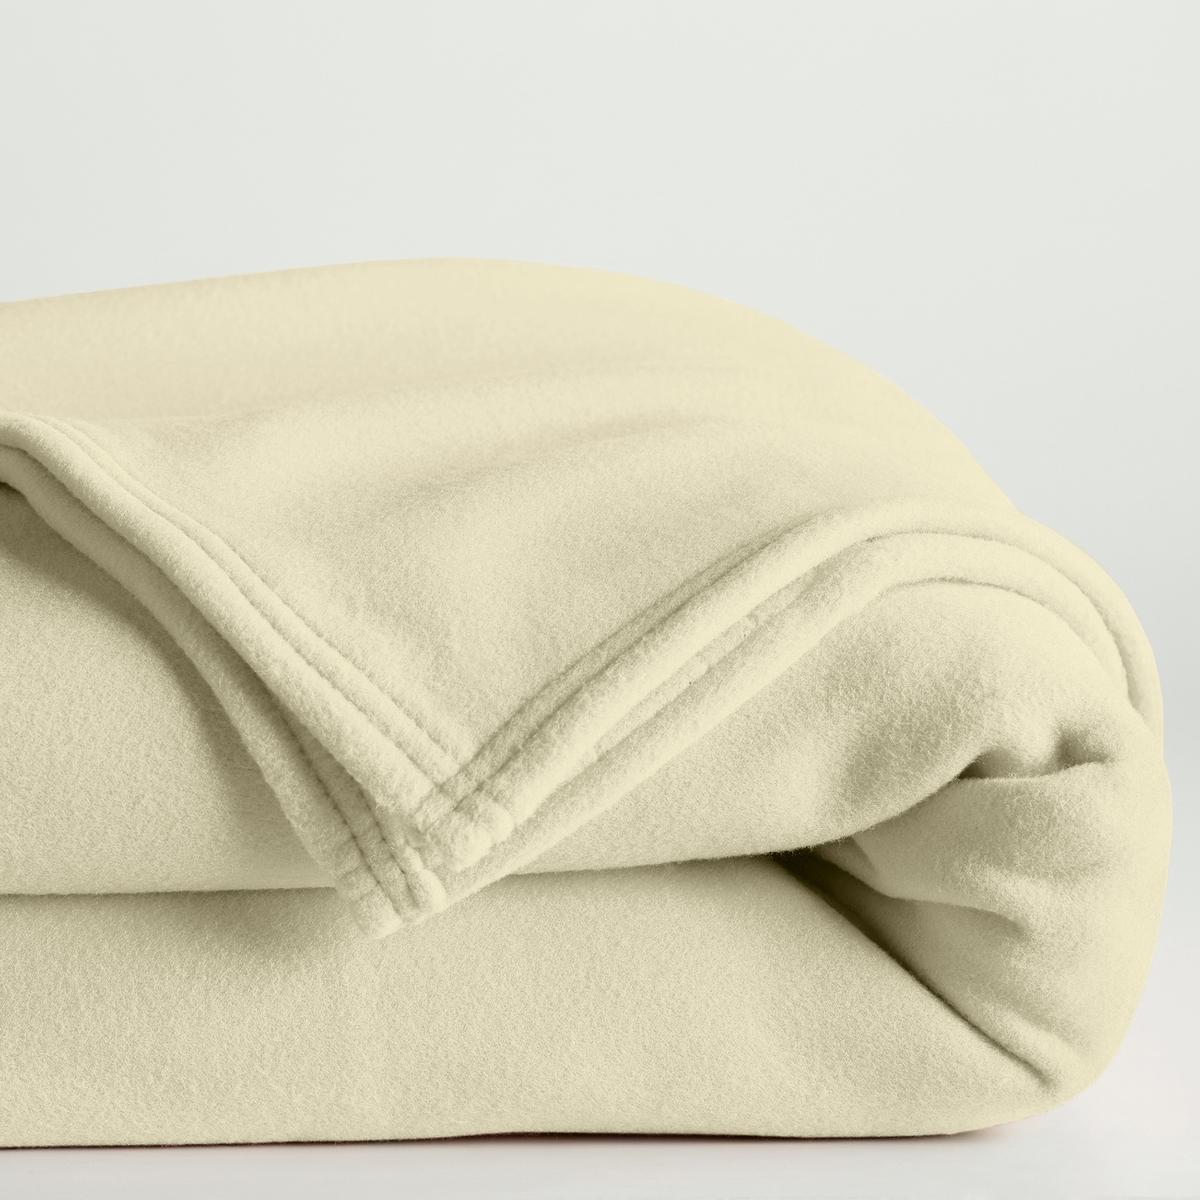 Покрывало флисовое 200 г/м?Характеристики флисового покрывала :100% полиэстер Отделка двойной видимой строчкой .Стирать на 60°, быстрое высыхание ..очень толстое, теплое, комфортное и мягкое покрывало, простое в уходе и с защитой от клещей.Плюсы изделия : Очень толстое, теплое, комфортное и мягкое покрывало, простое в уходе  .<br><br>Цвет: бежевый,малиновый,синий королевский,сливовый,темно-серый,шоколадный,экрю<br>Размер: 75 x 100  см.180 x 220  см.75 x 100  см.150 x 220 см